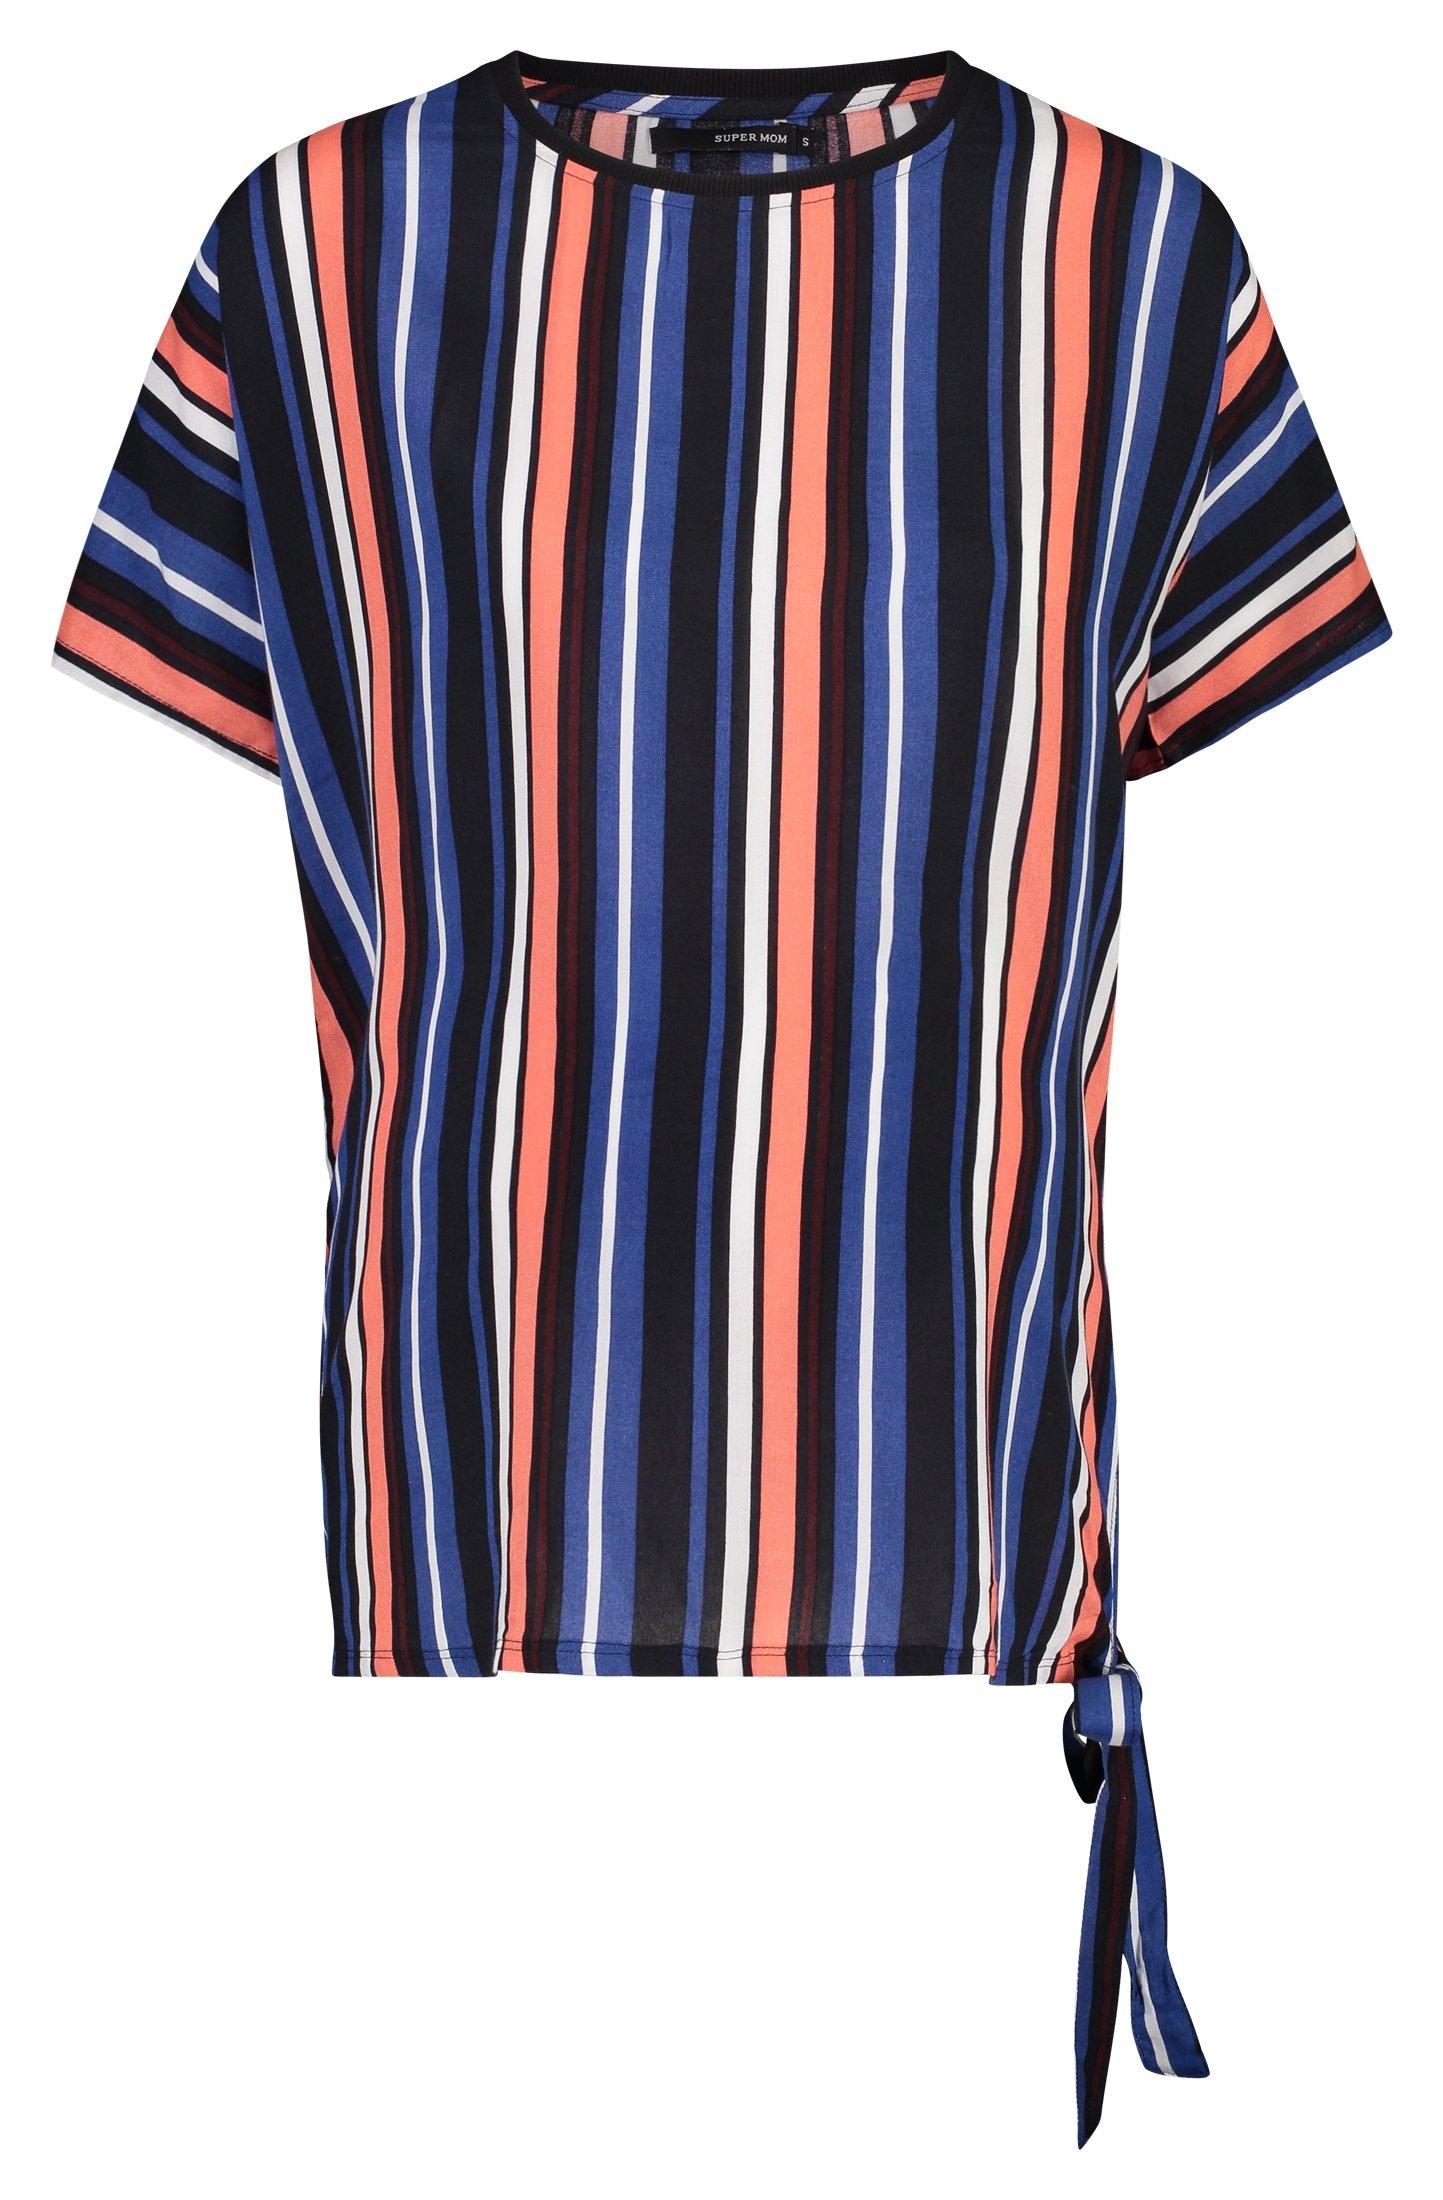 Supermom T-shirt »Blue stripe« nu online kopen bij OTTO